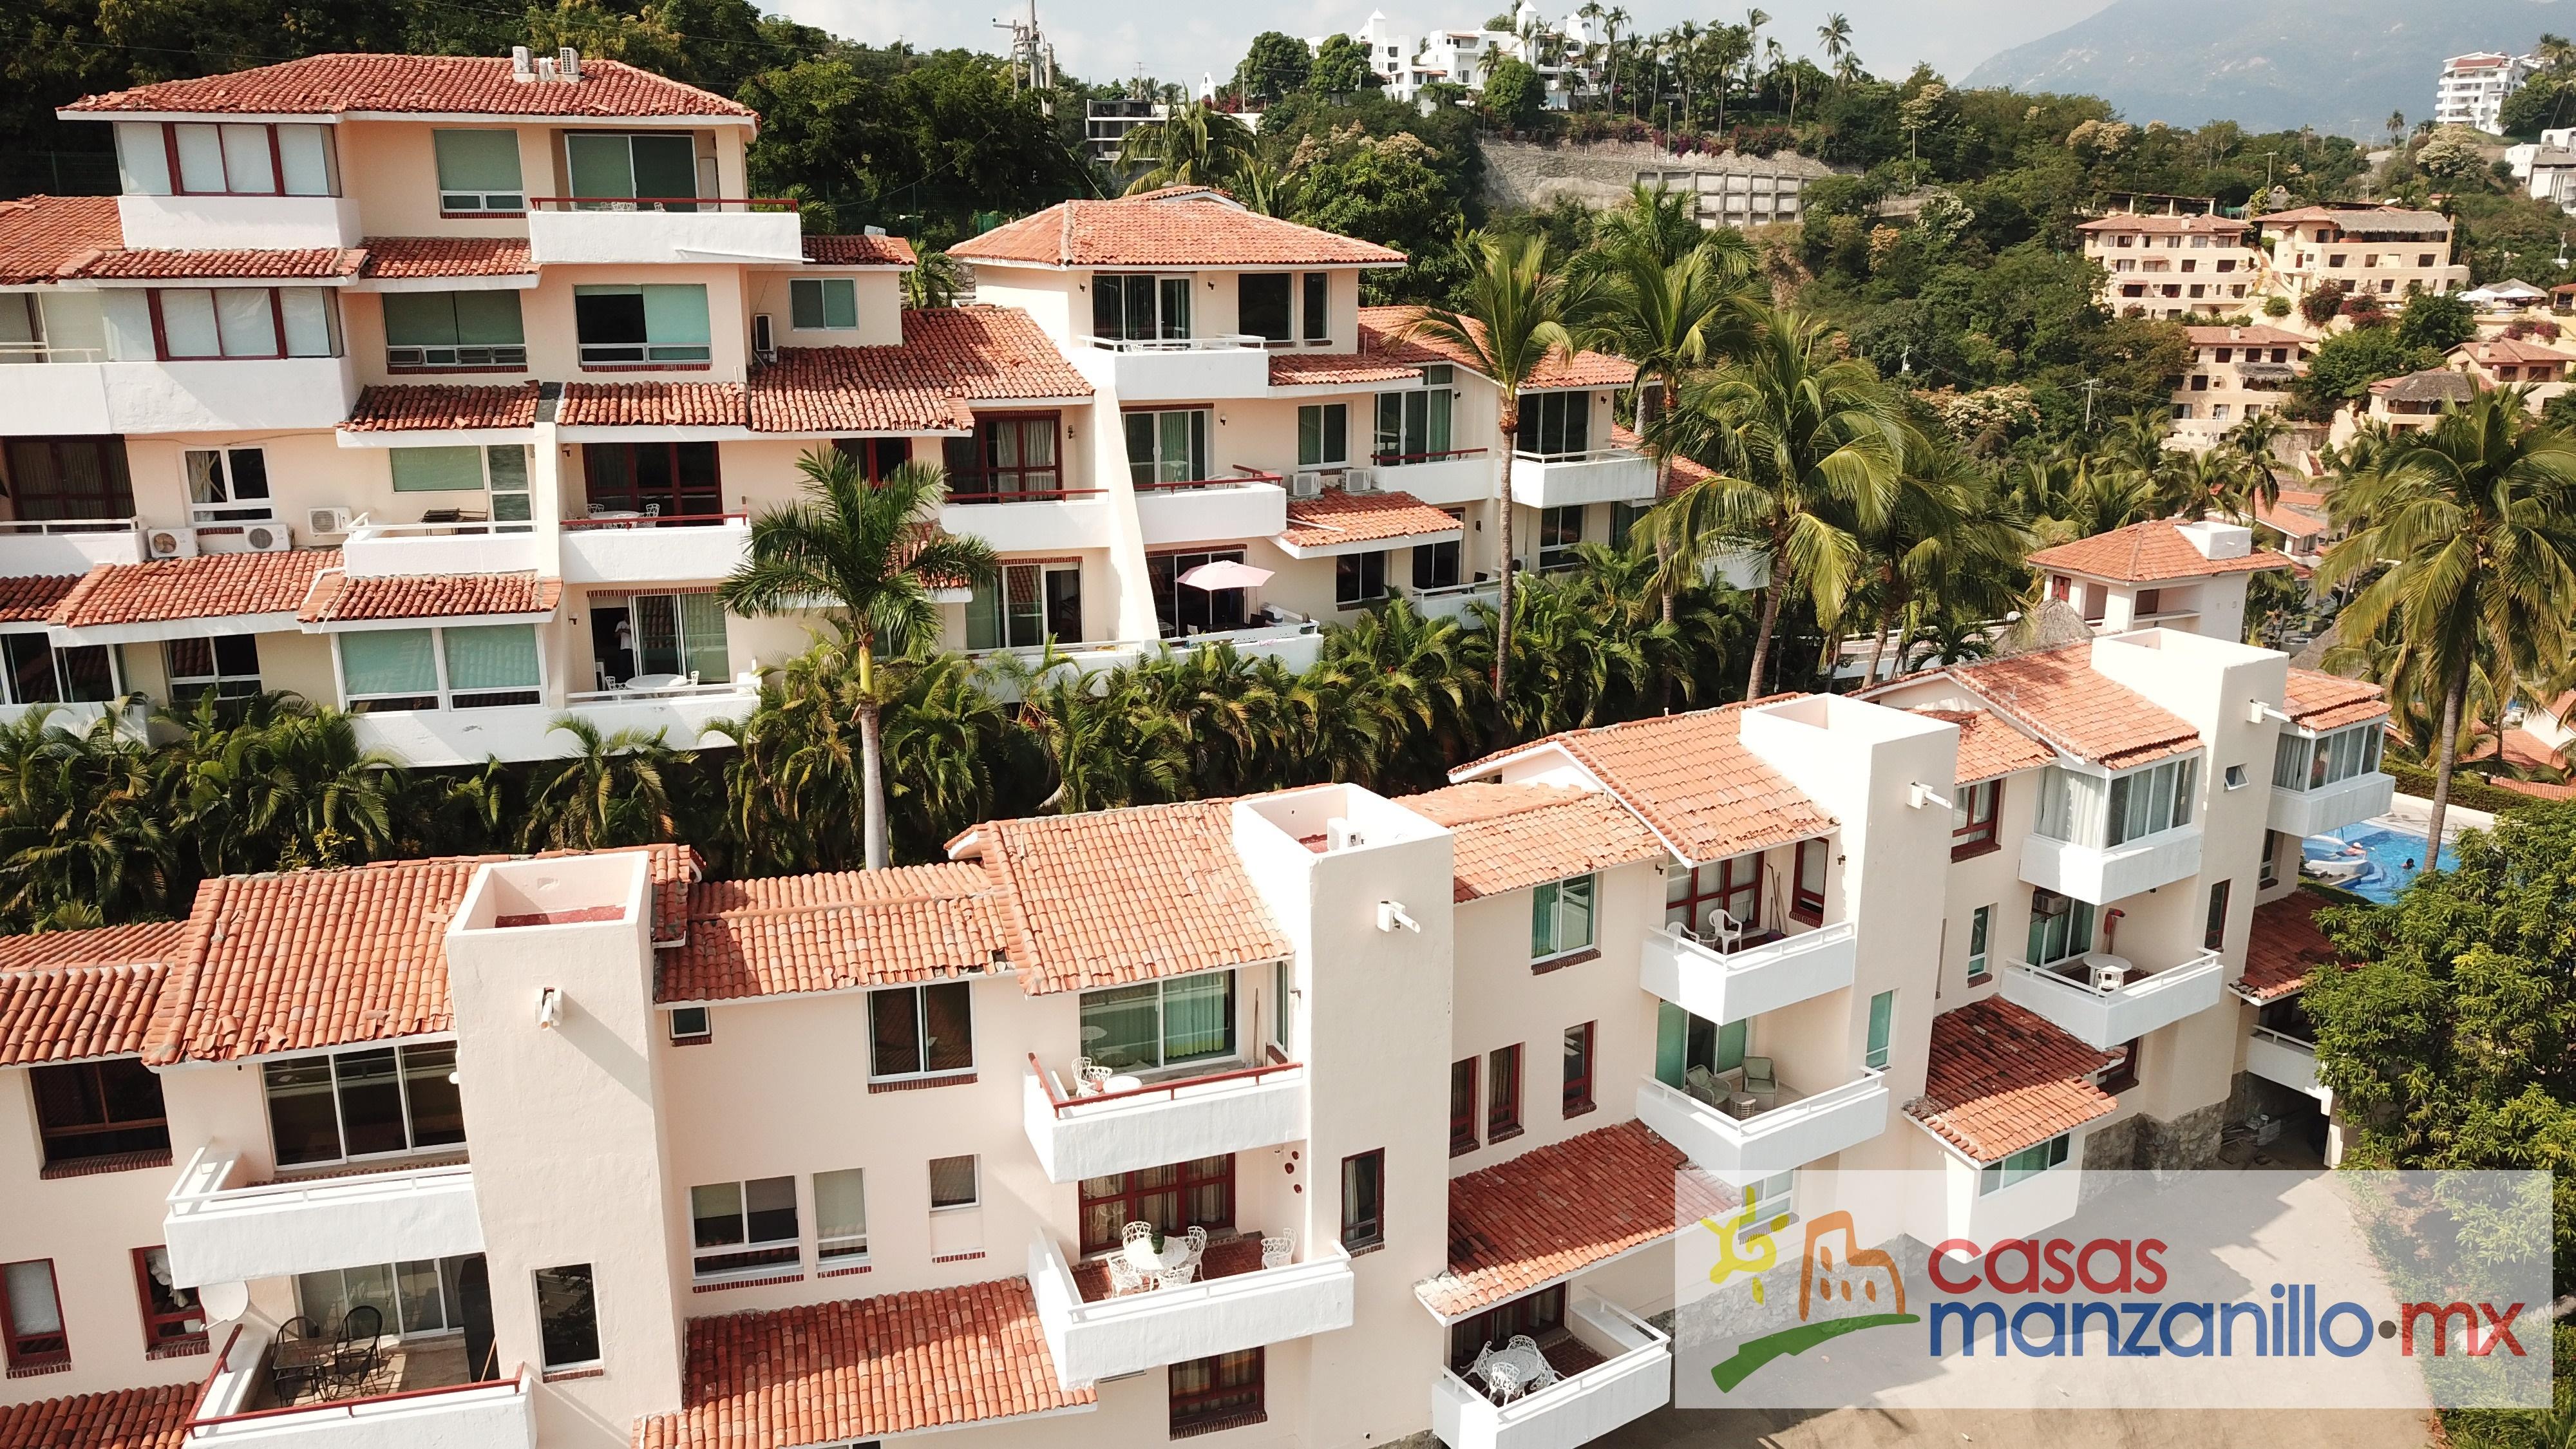 Departamentos Venta Manzanillo - Villas